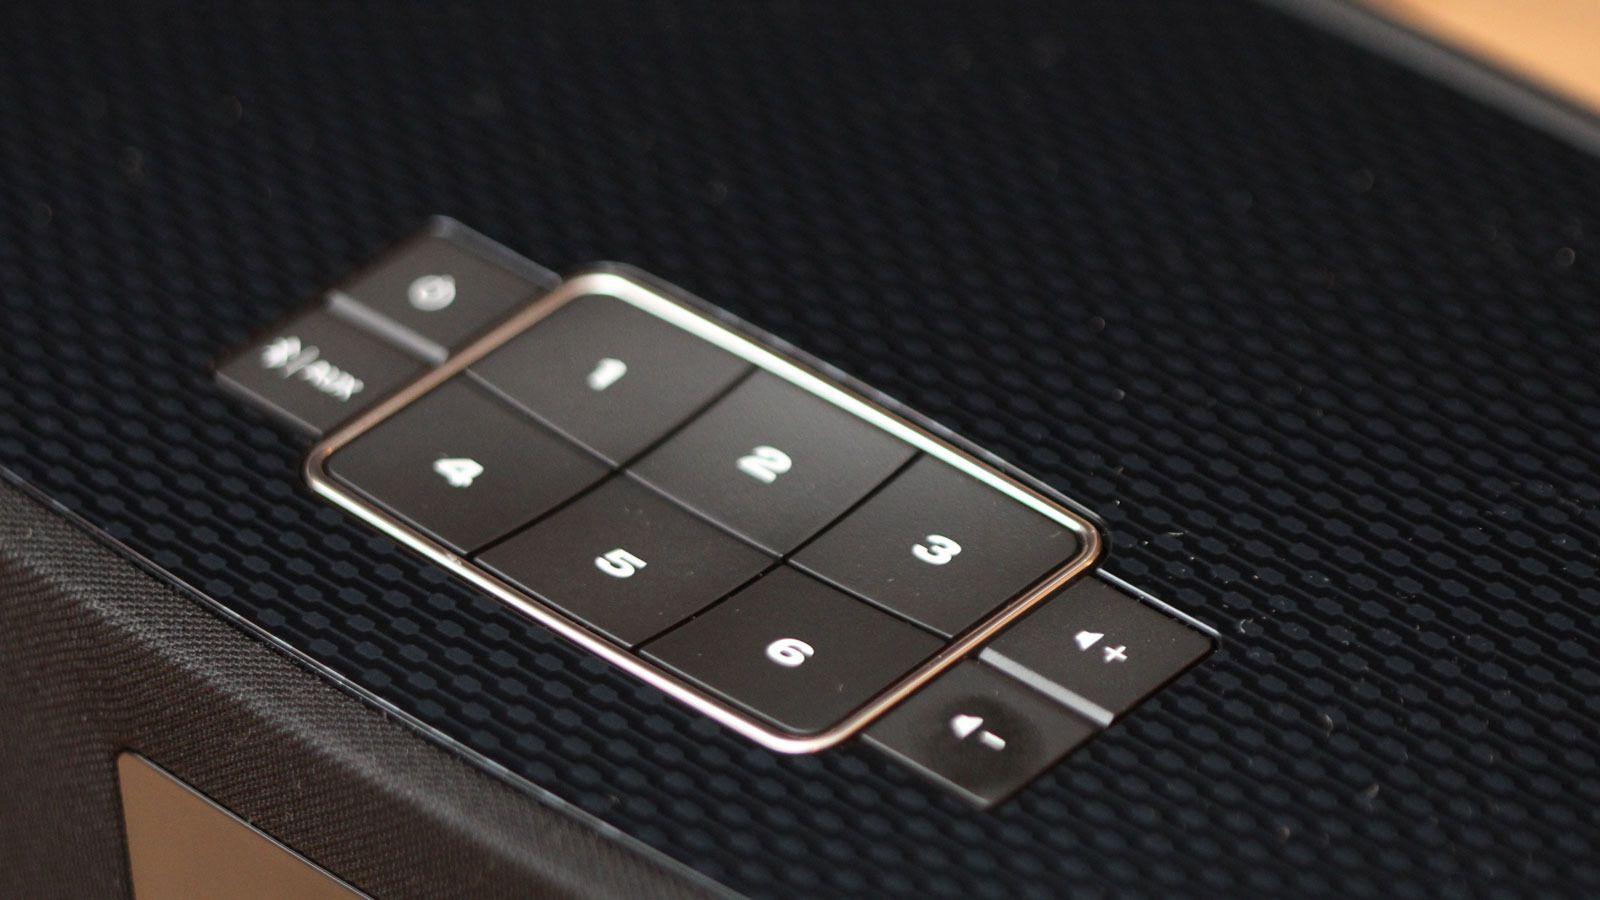 Detalj fra toppen av Bose SoundTouch 30. De samme tastene finner du på modellene 20 og 10, samt på fjernkontrollen og i appen. Foto: Espen Irwing Swang, Tek.no